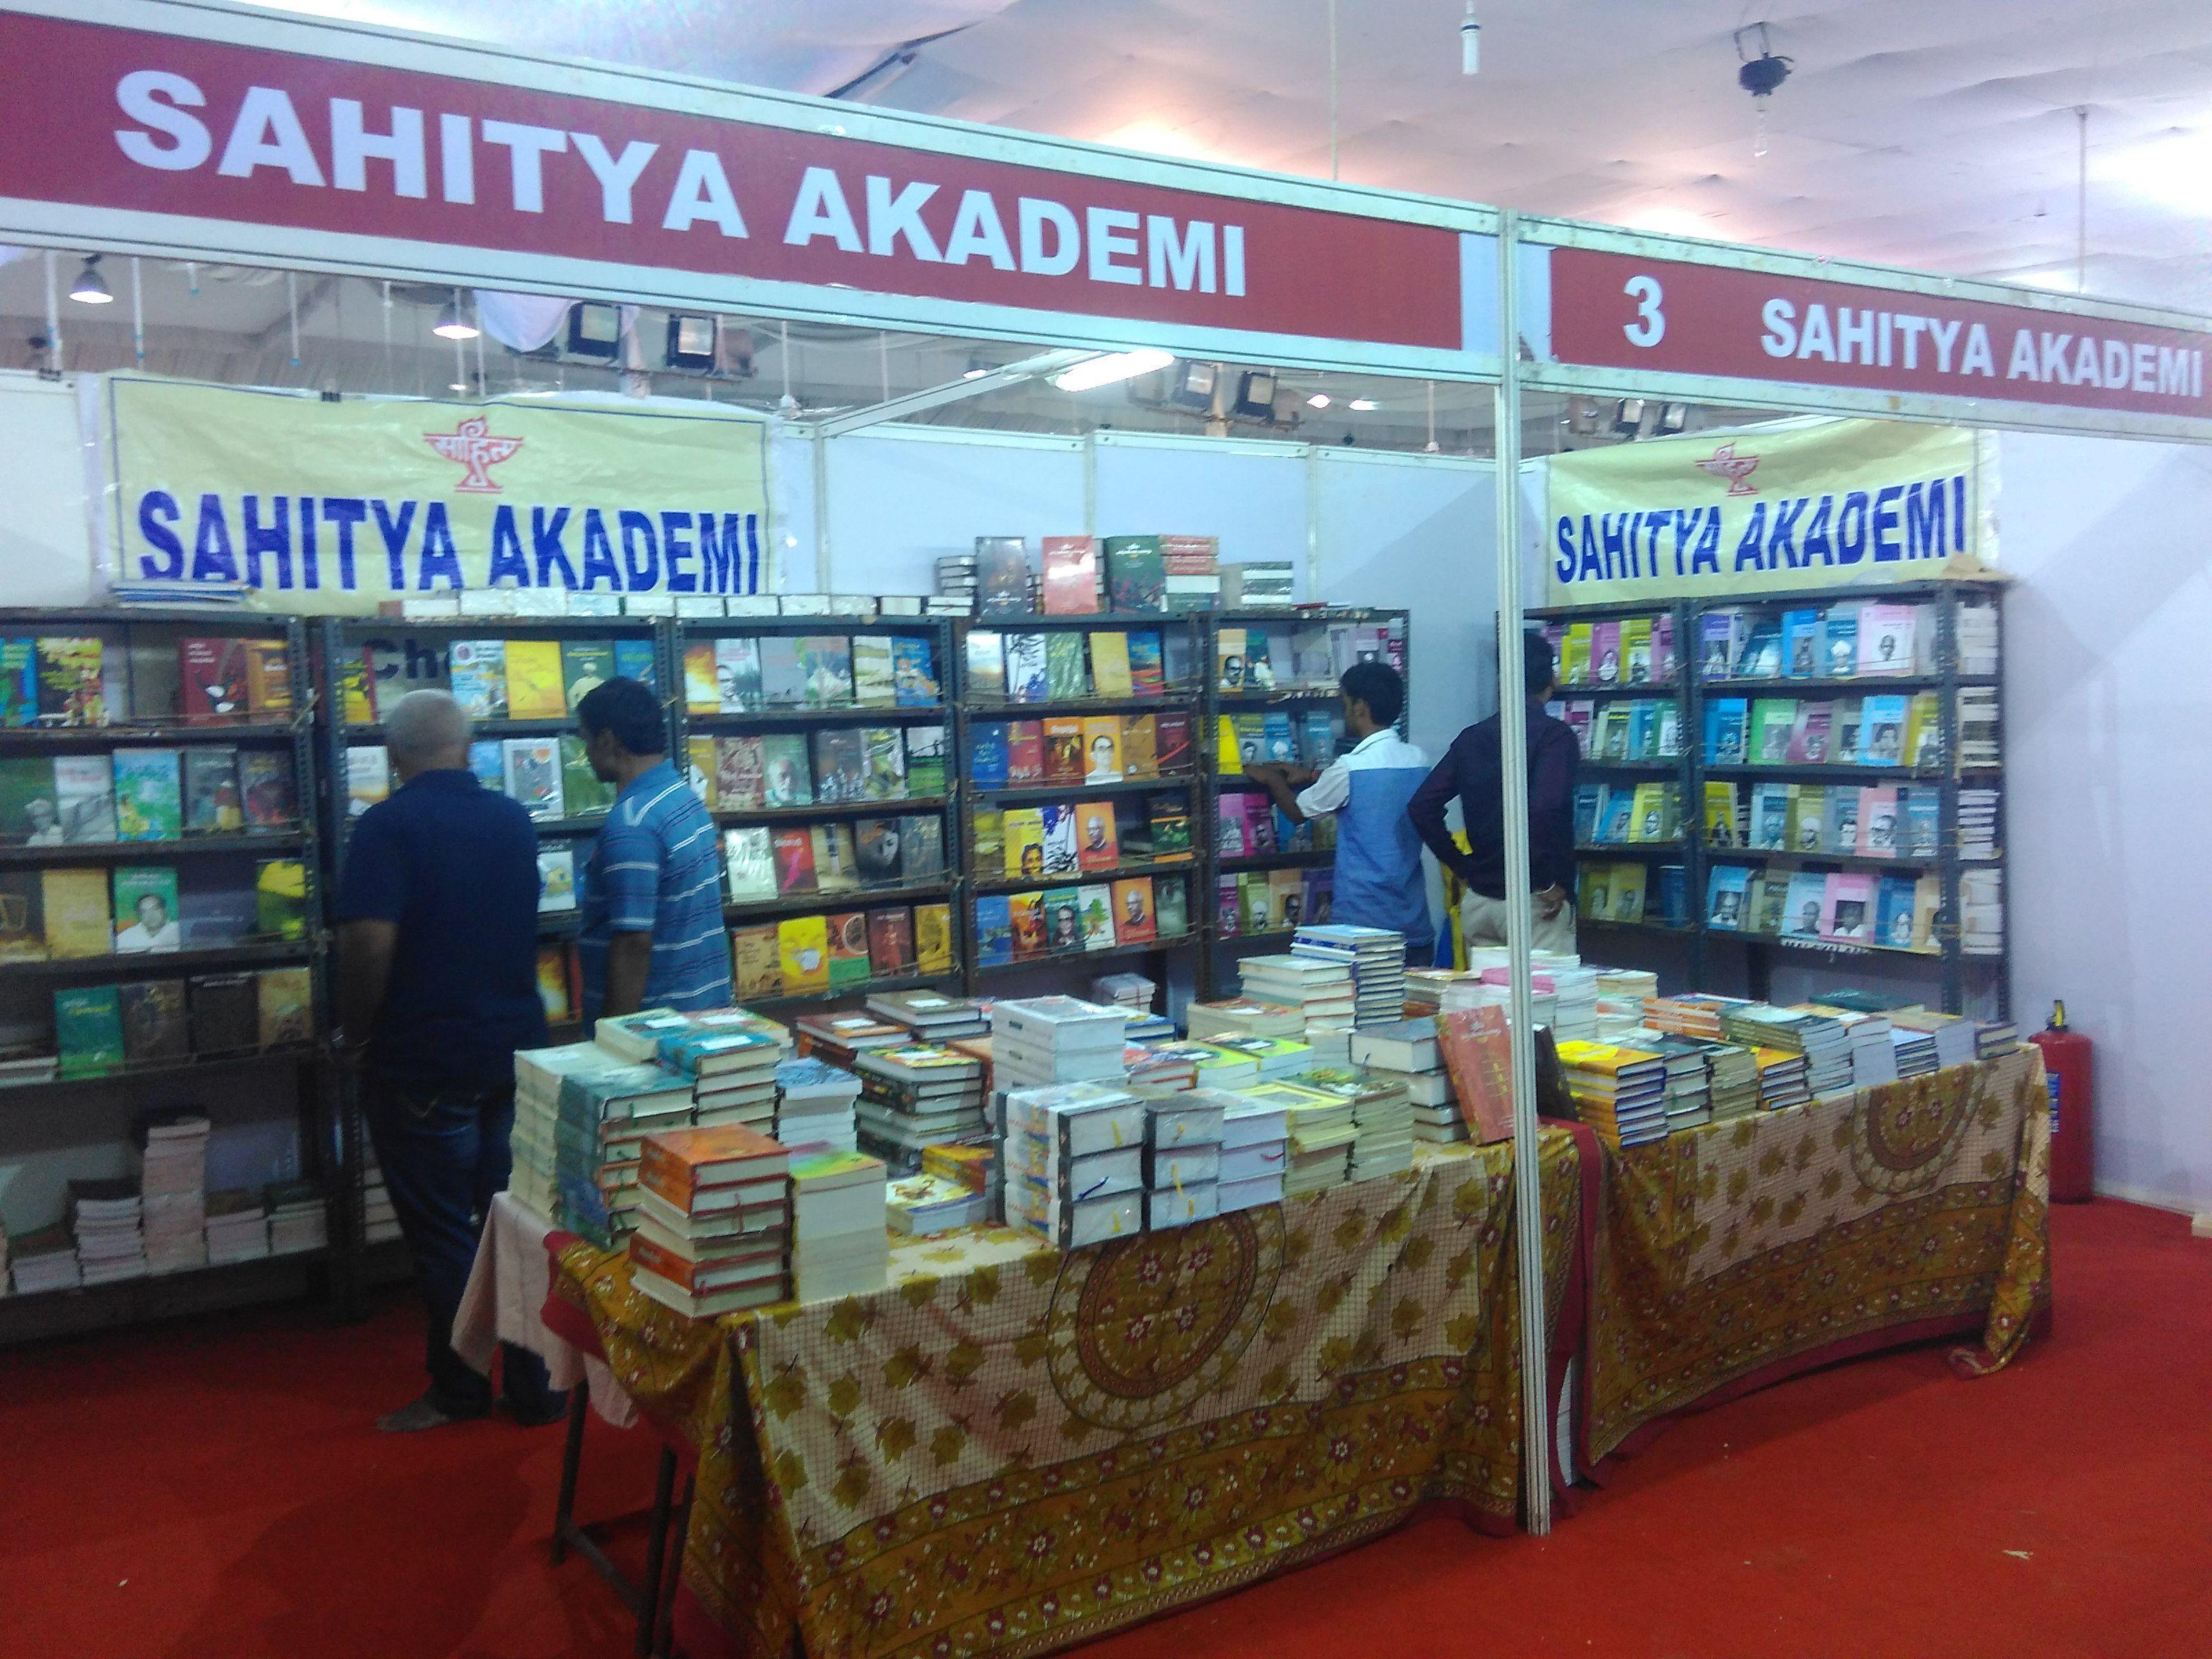 Chennai Pongal book fair 2016 - Sahitya Academy book stall